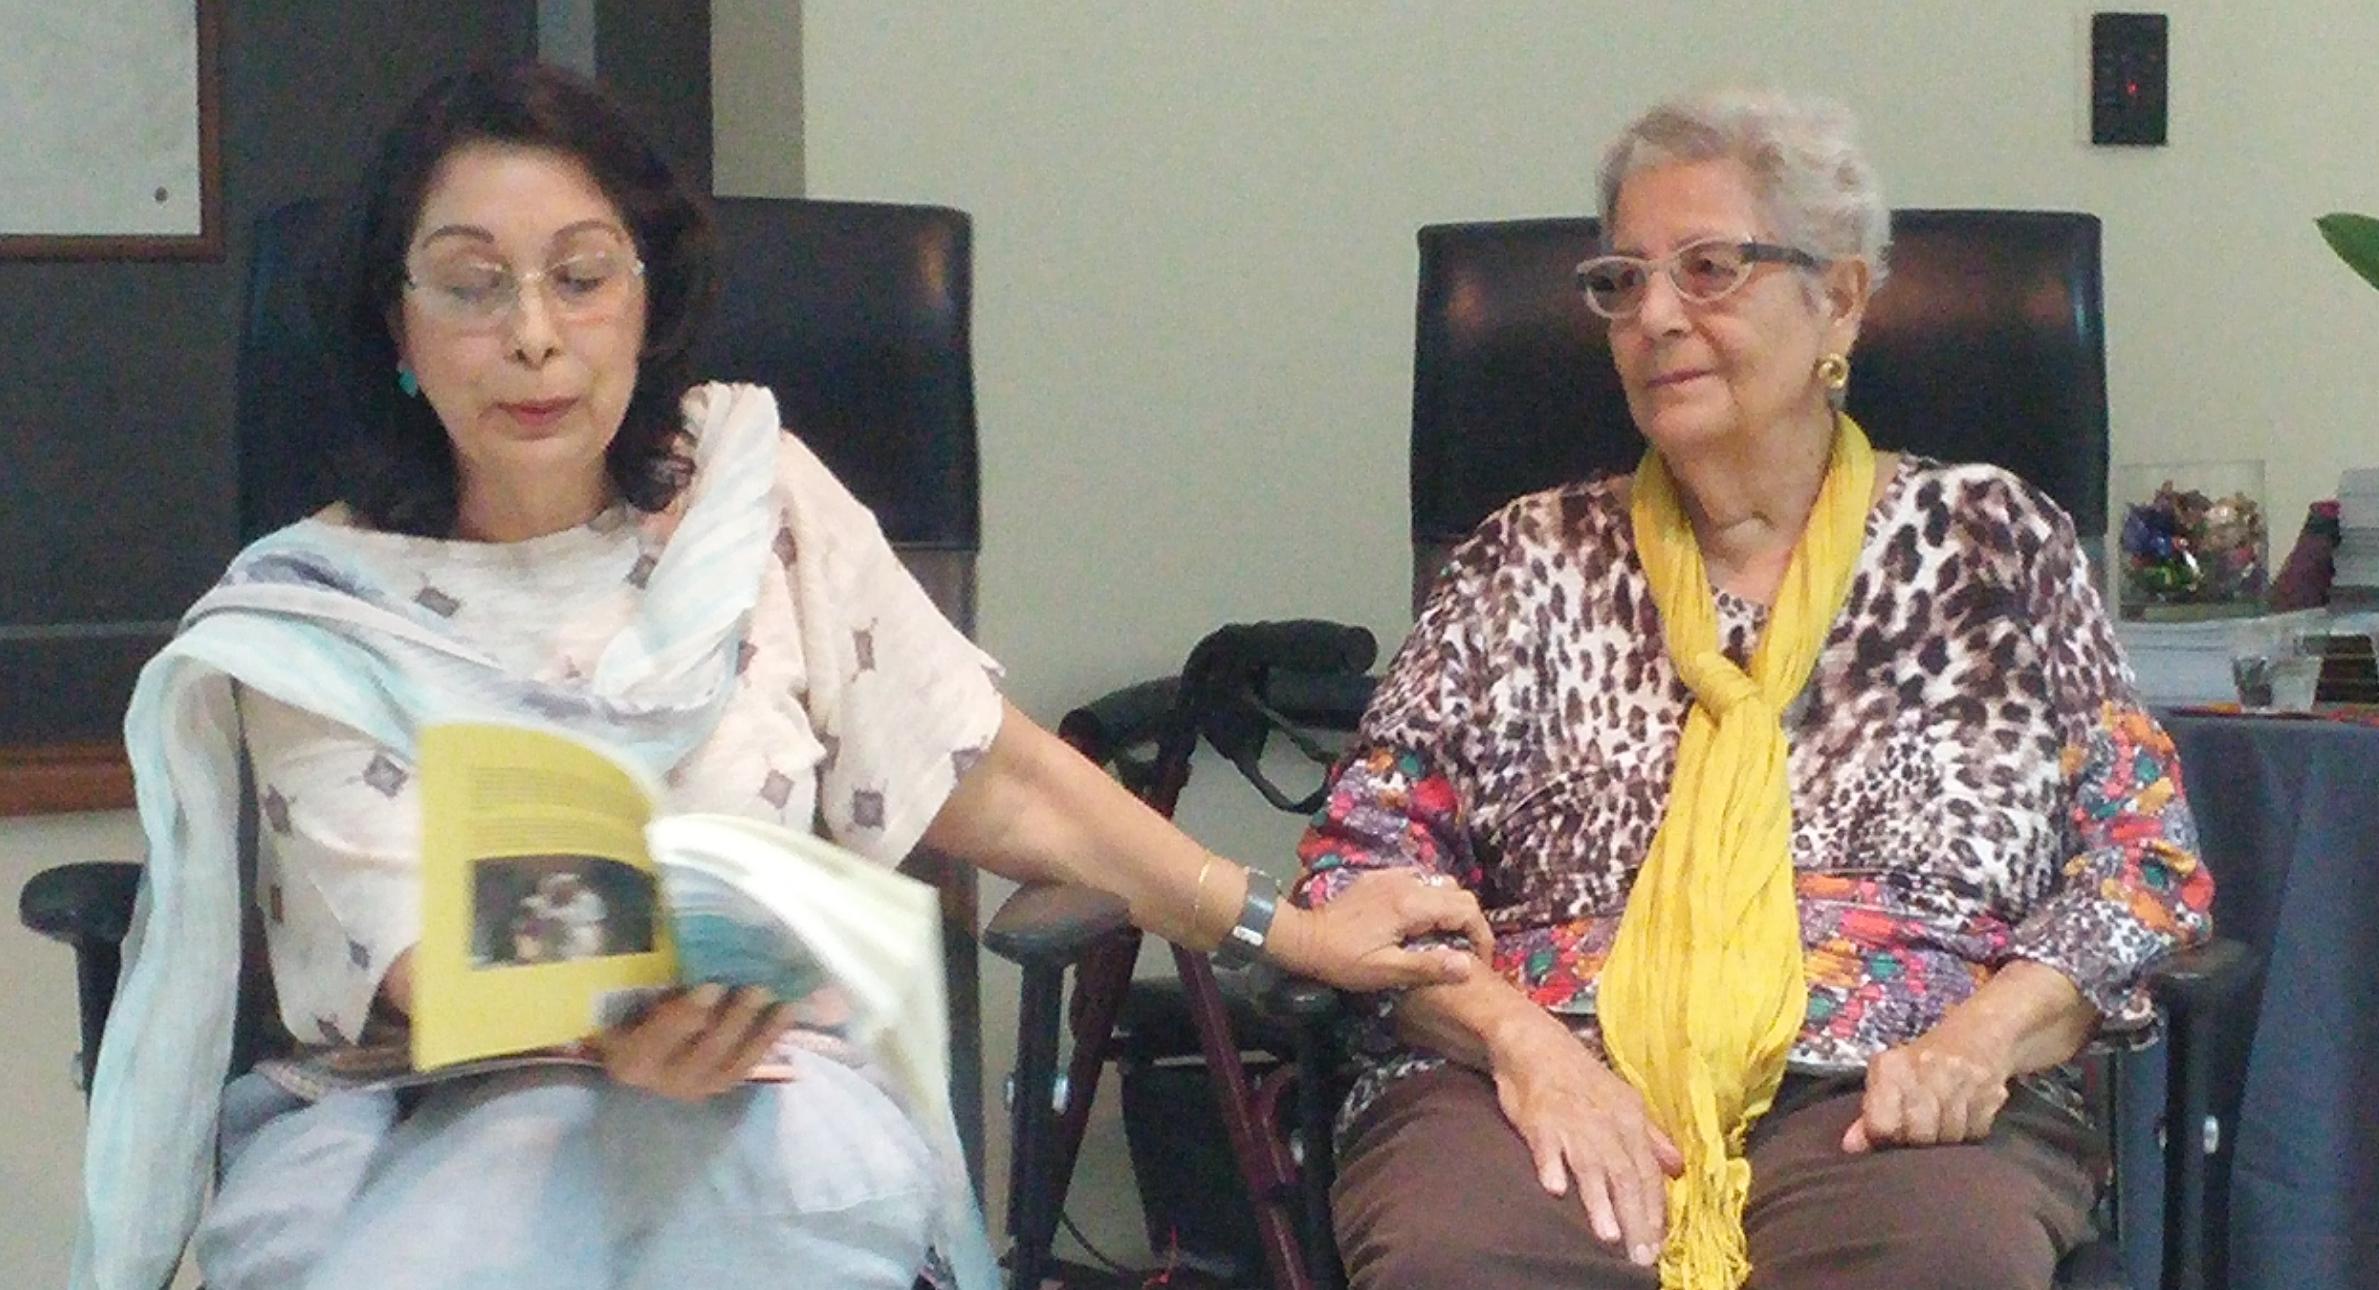 Nina Torres Vidal presentó la publicación escrita por Myrsa Landrón en la que se documenta la vida de la poeta y periodista Iris María Landrón. (Foto Gabriela Ortiz para Fundación Nacional para la Cultura Popular)